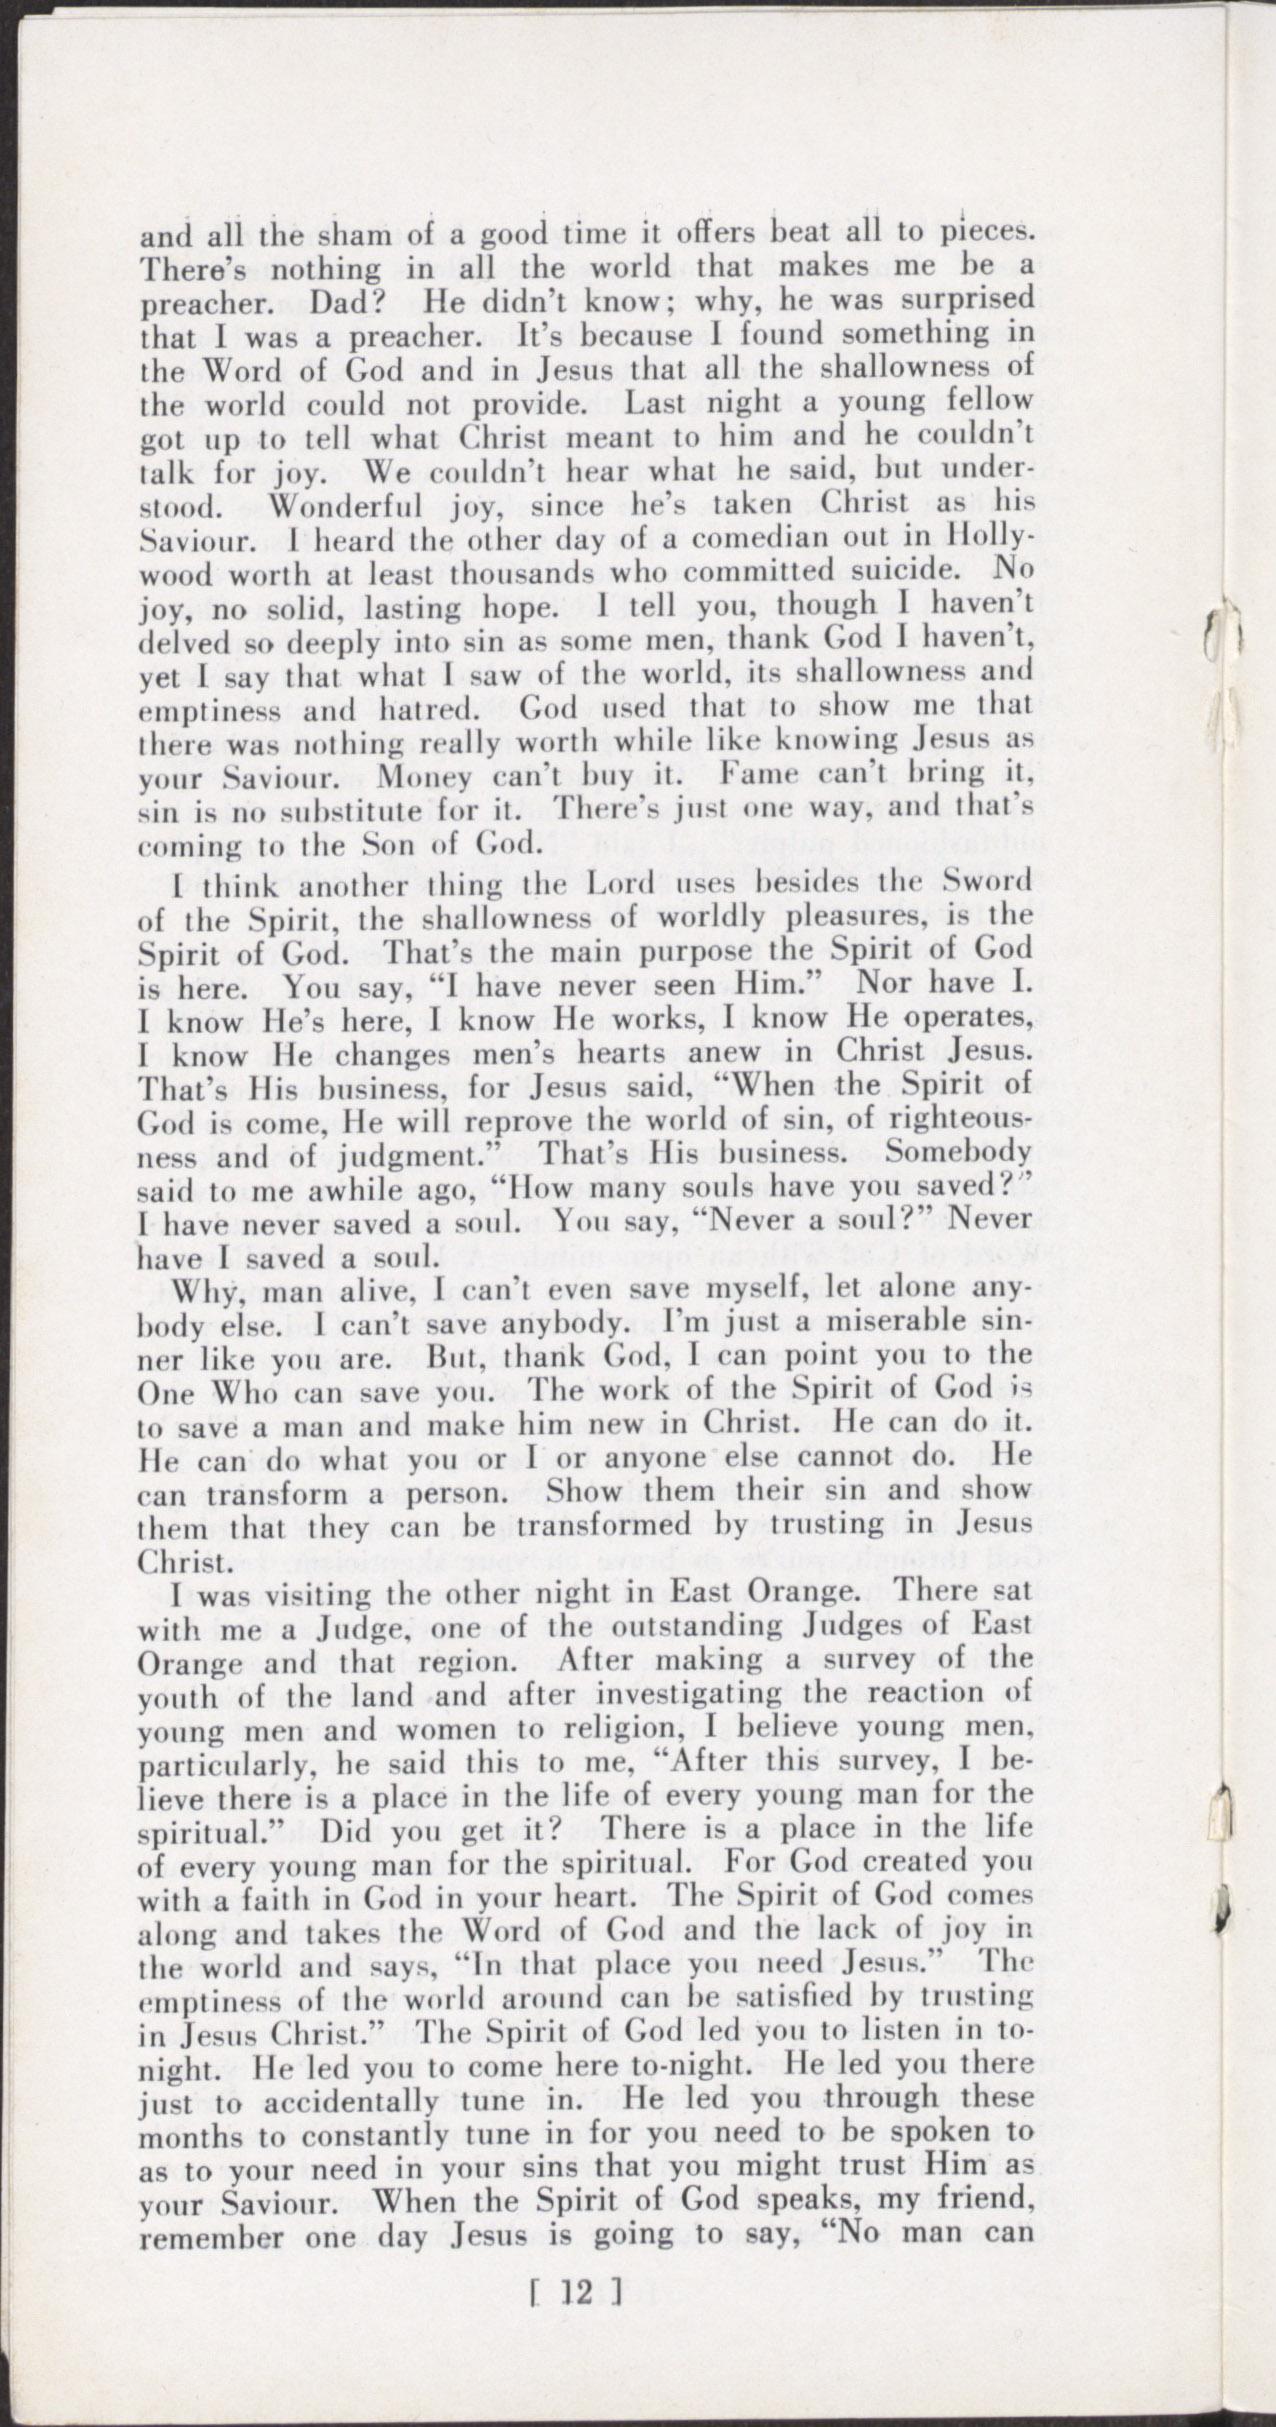 sermons193601-(12)